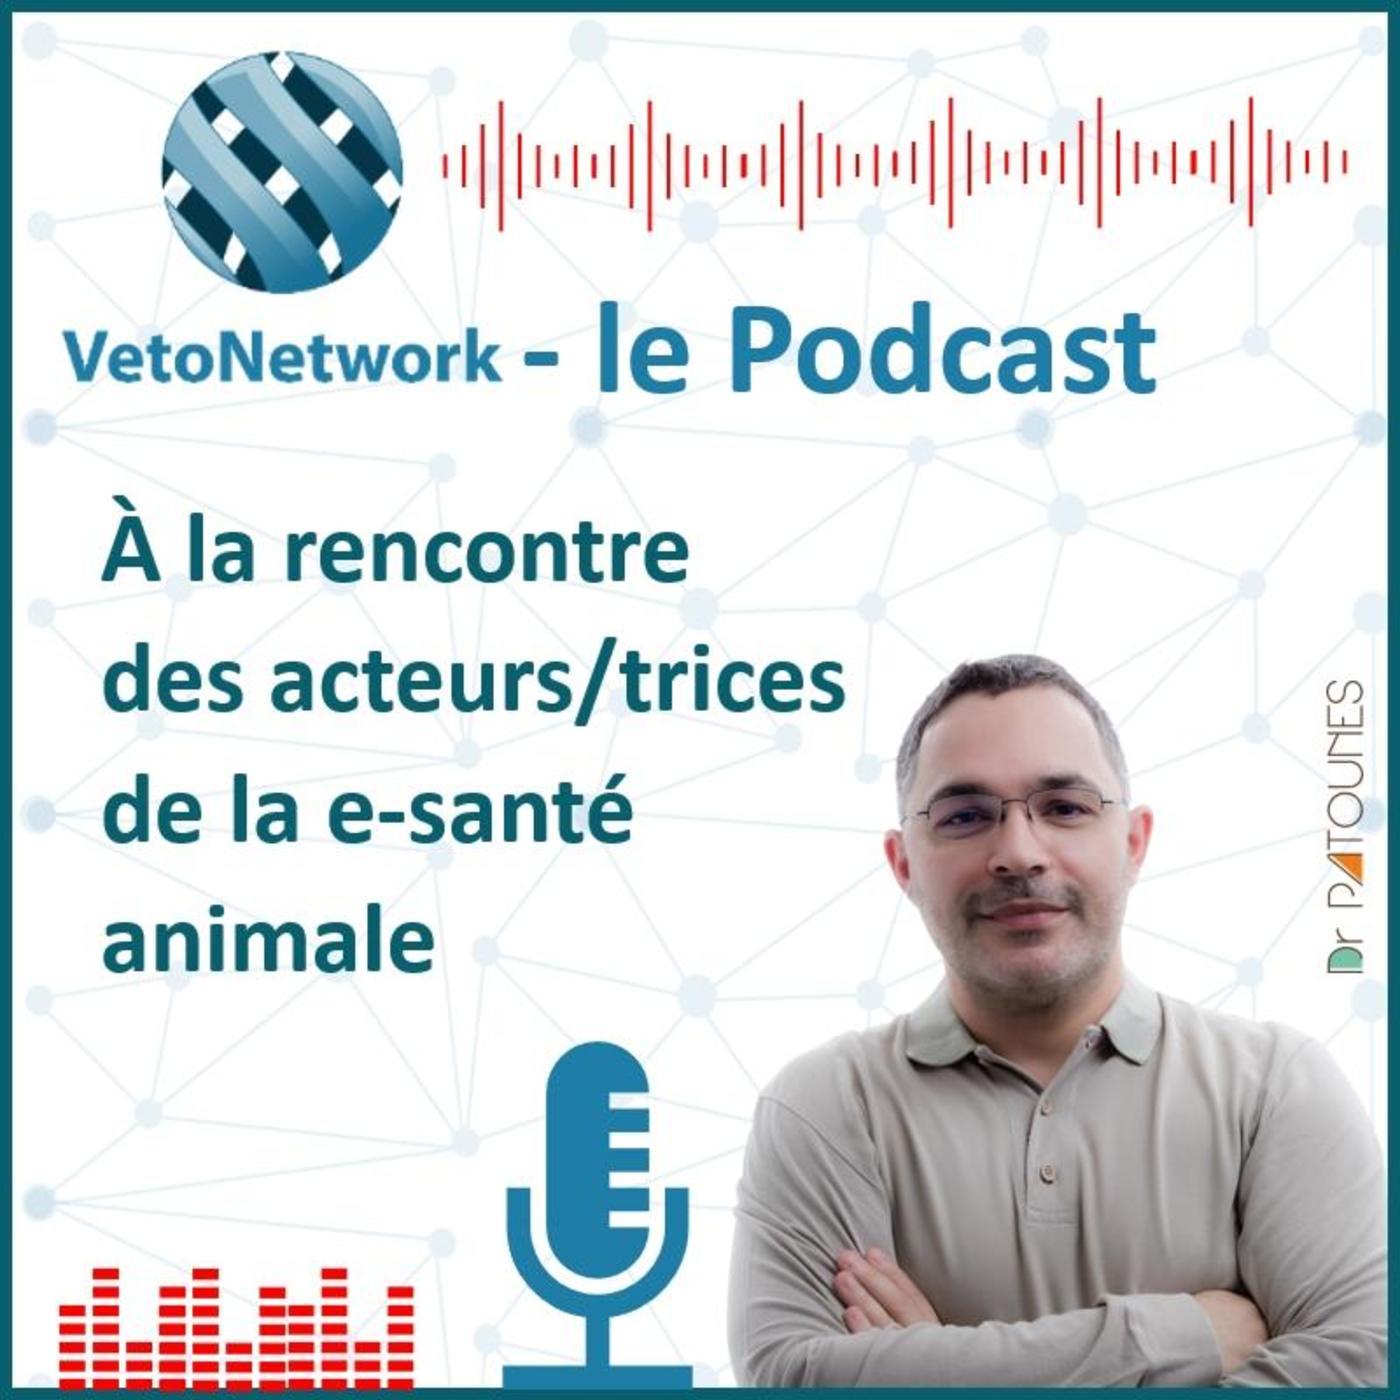 👥 A la rencontre des acteurs/trices de la e-santé animale 🗣